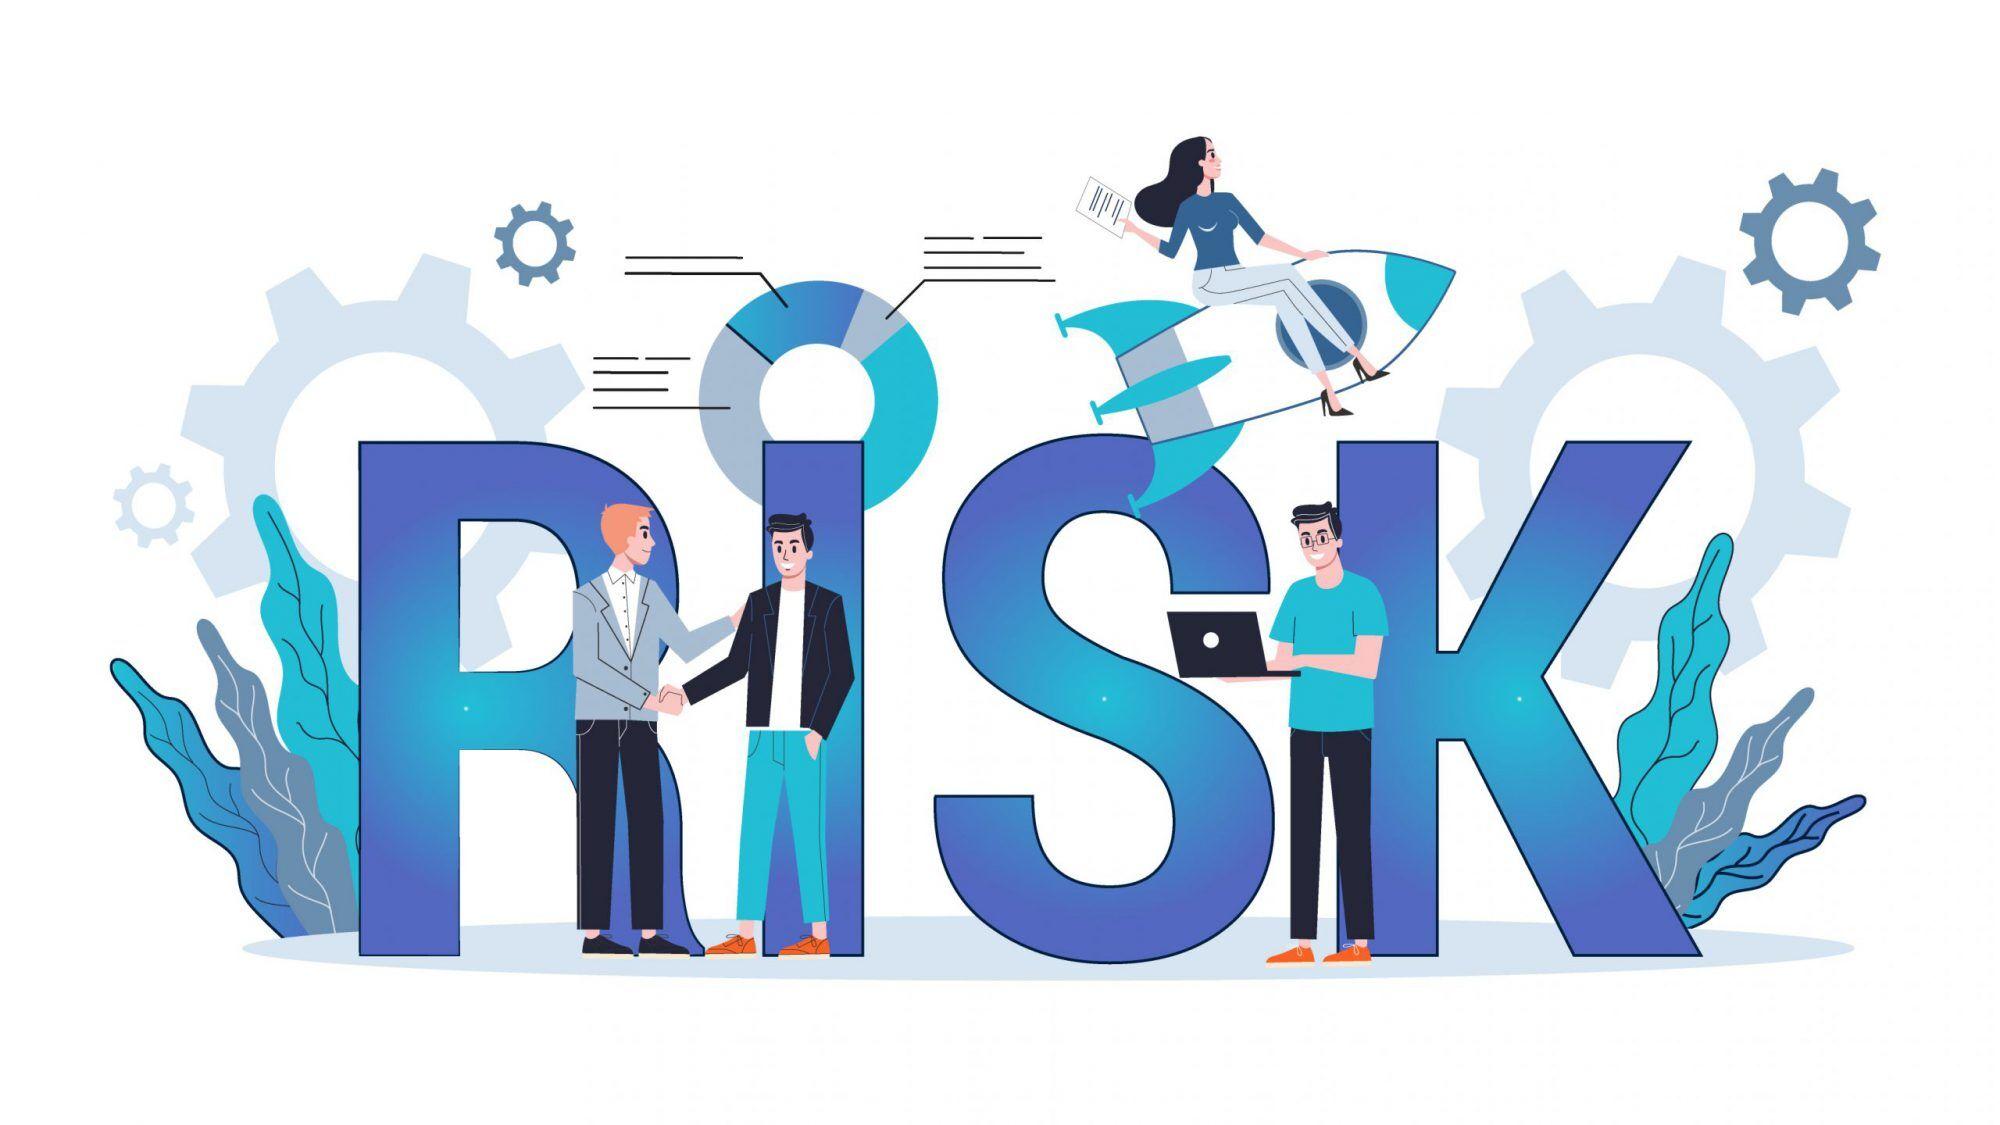 Digital Risk Illustration